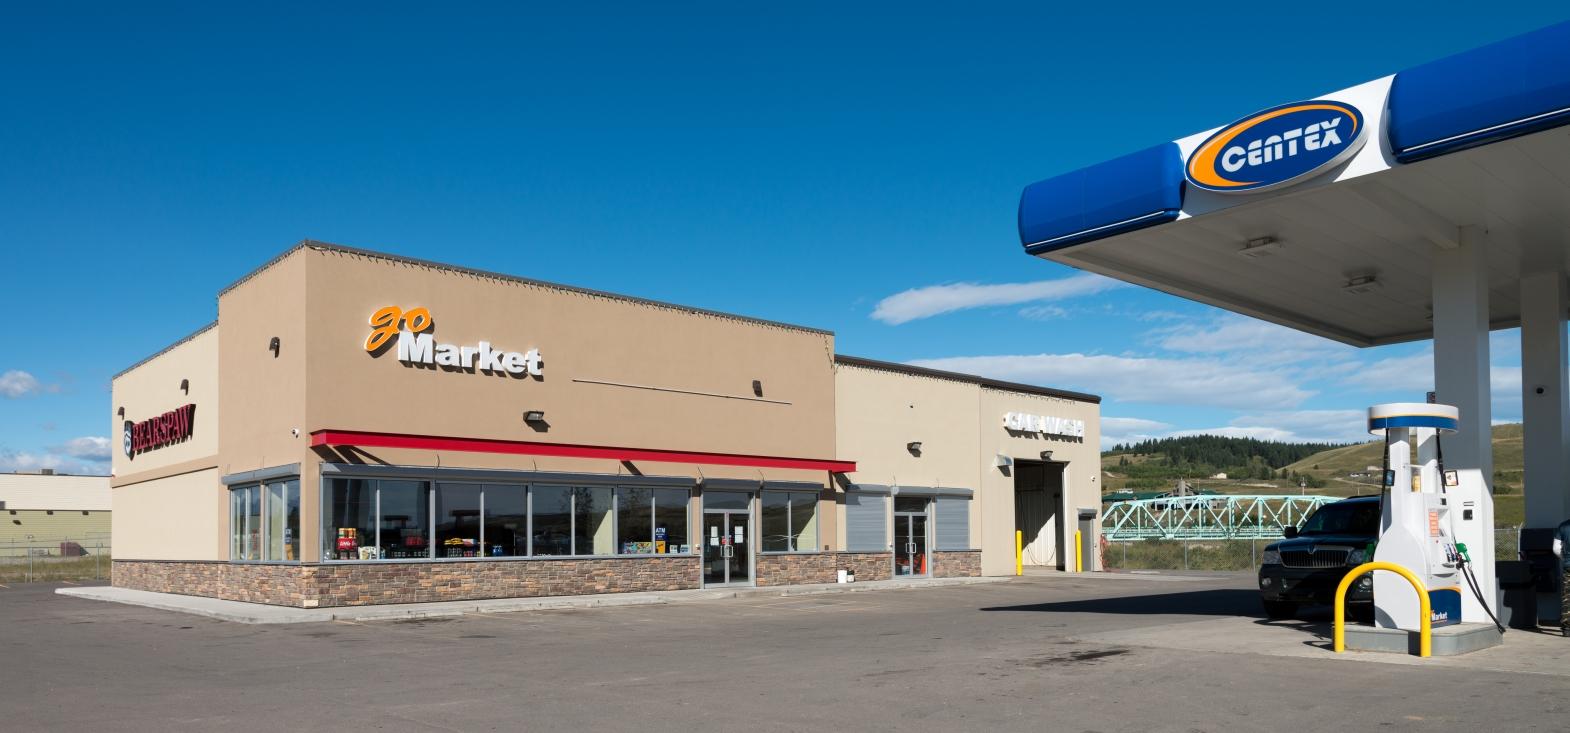 Bearspaw Retail Centre 01.jpg